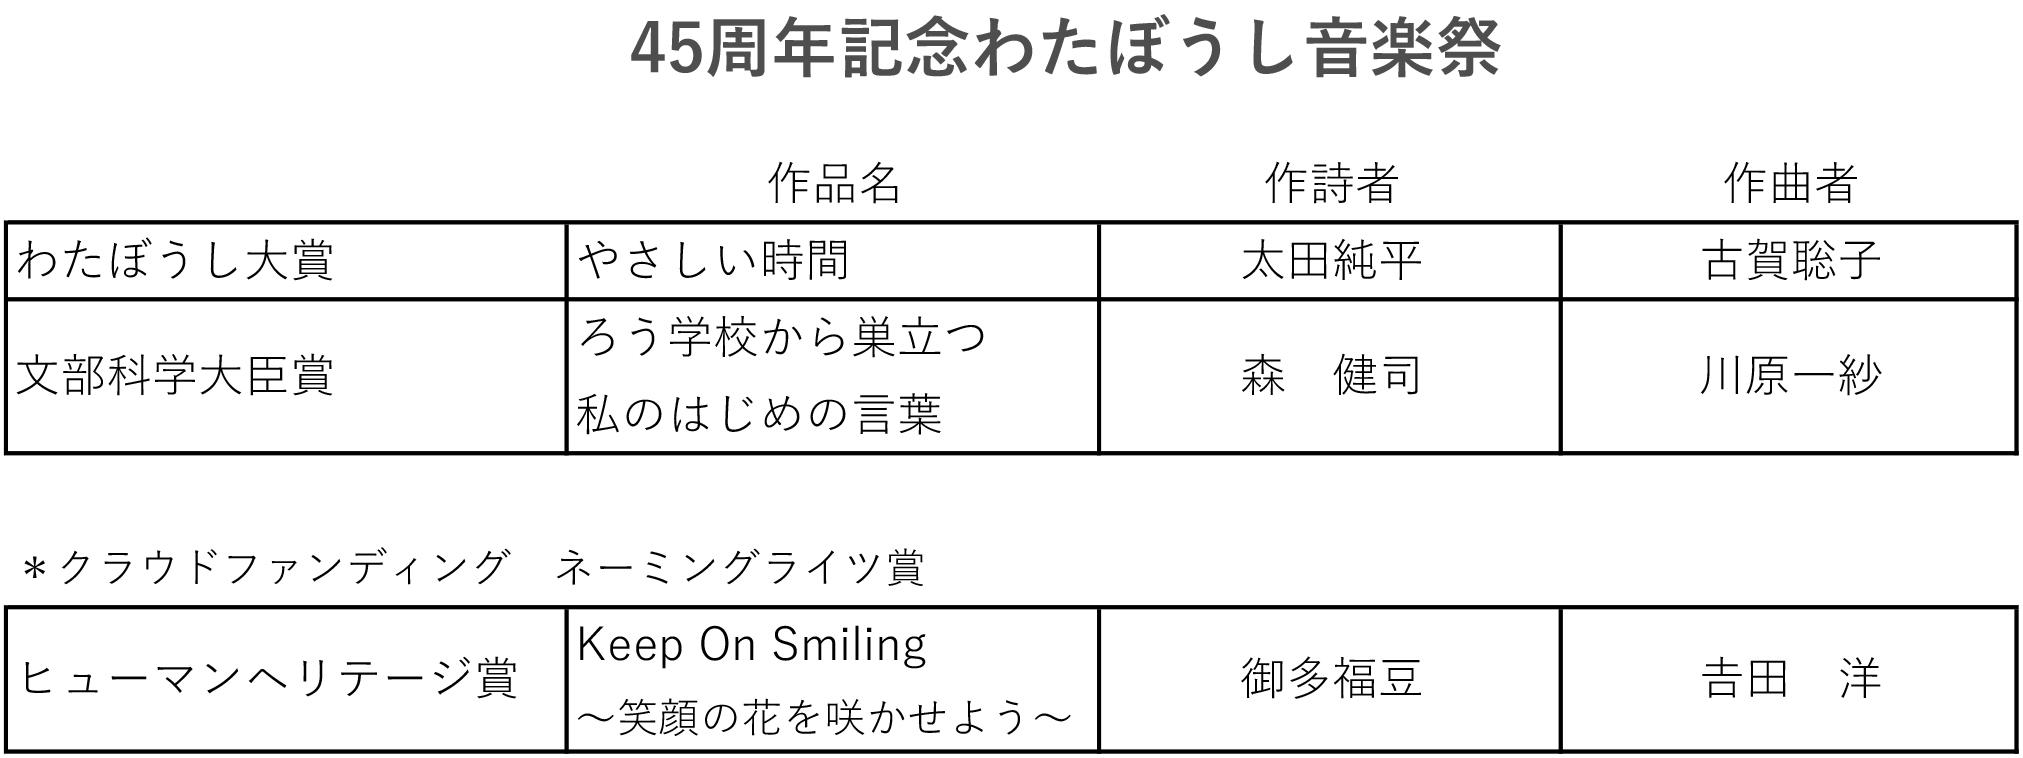 shinsa-45